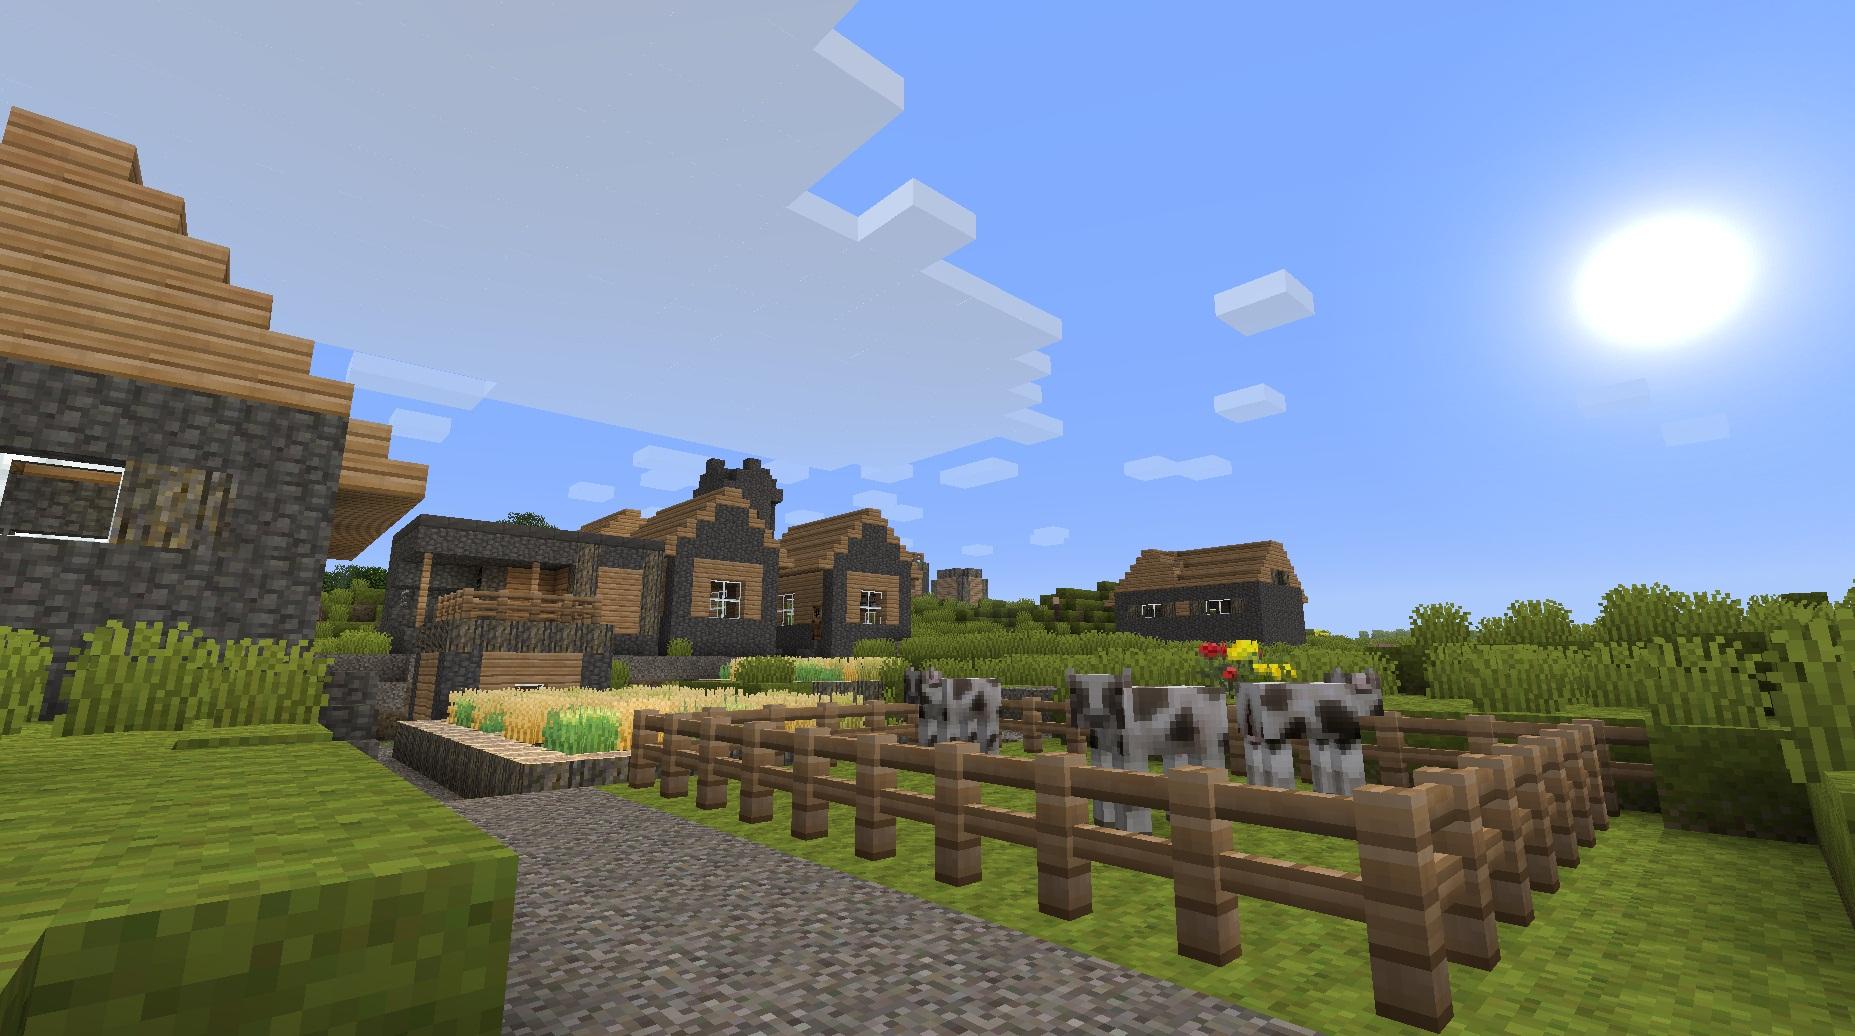 http://minecraft-forum.net/wp-content/uploads/2012/12/b154a__Pixel-Reality-Texture-Pack-1.jpg